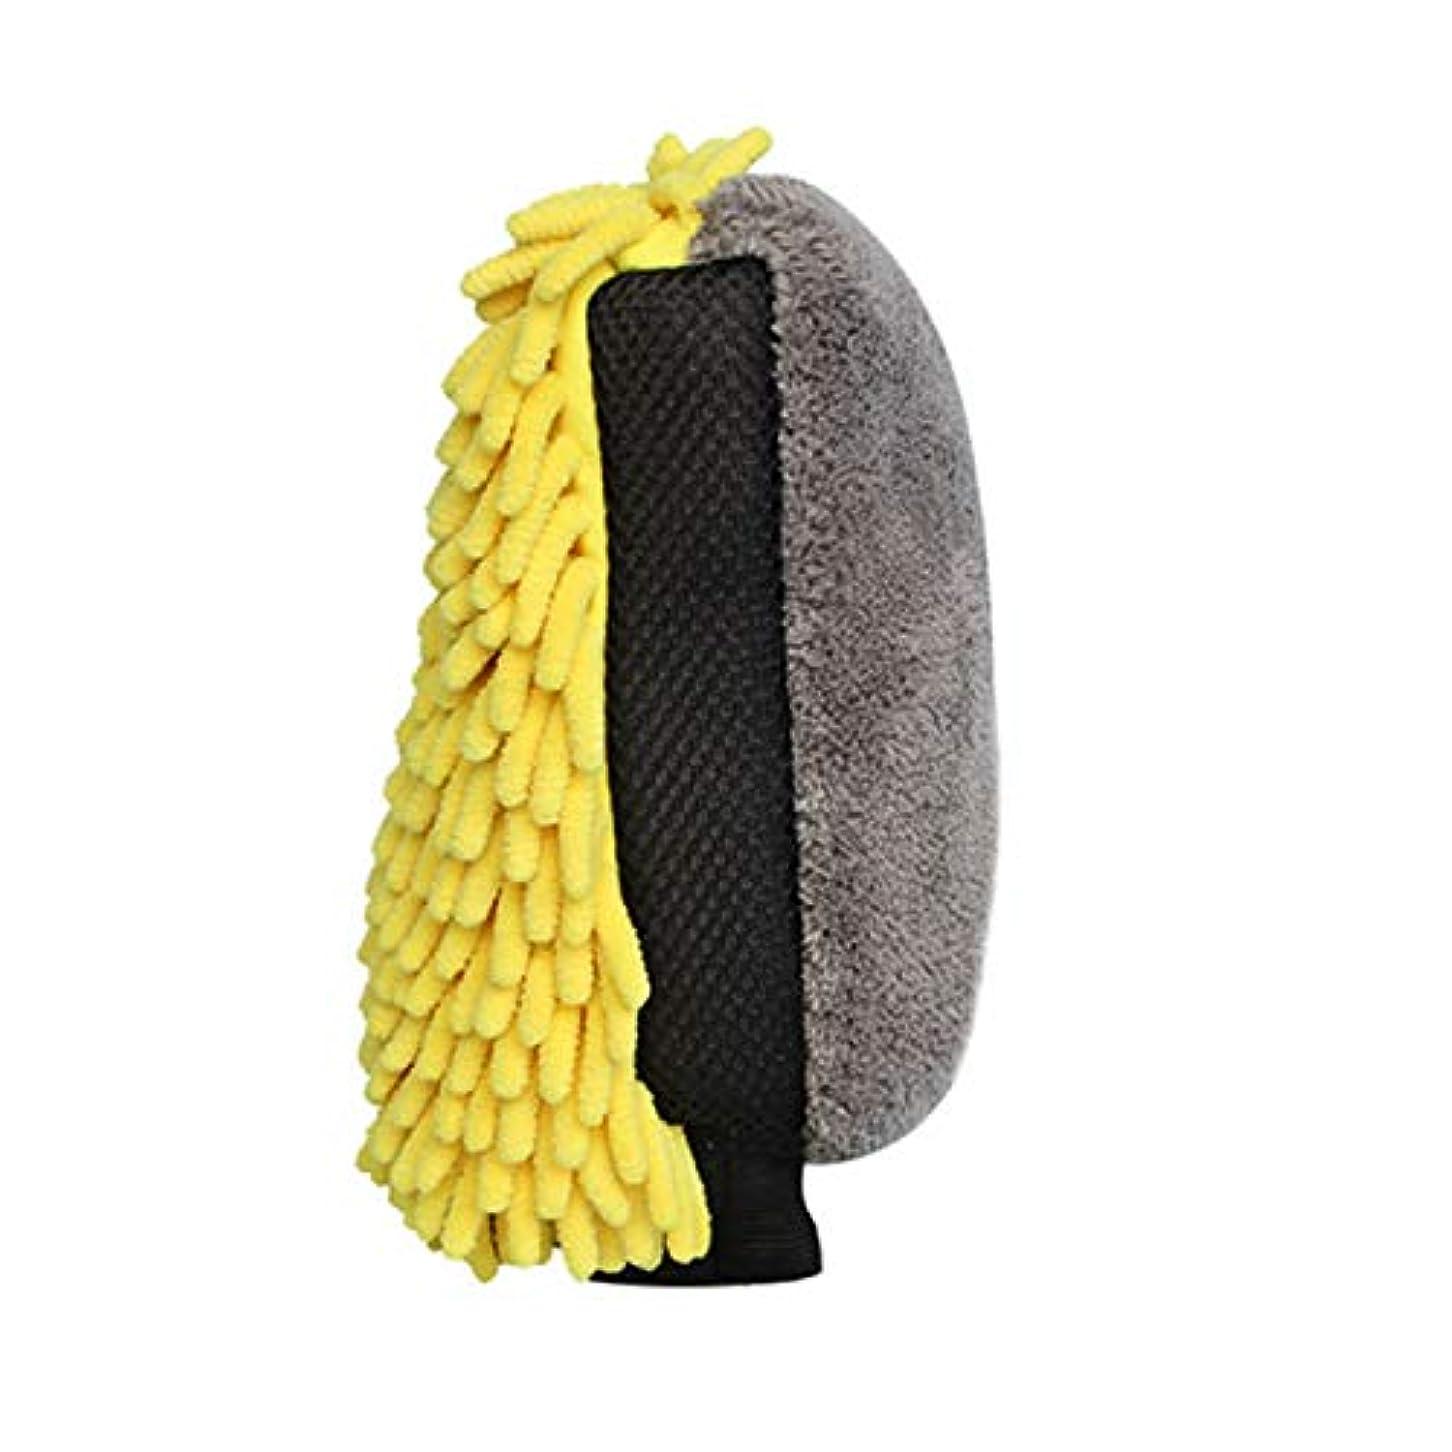 力警戒廊下BTXXYJP 防水 カーウォッシュマイクロ ファイバーシェ ニール ディテールブラシ グローブ 多機能 (Color : Yellow, Size : M-Five pairs)